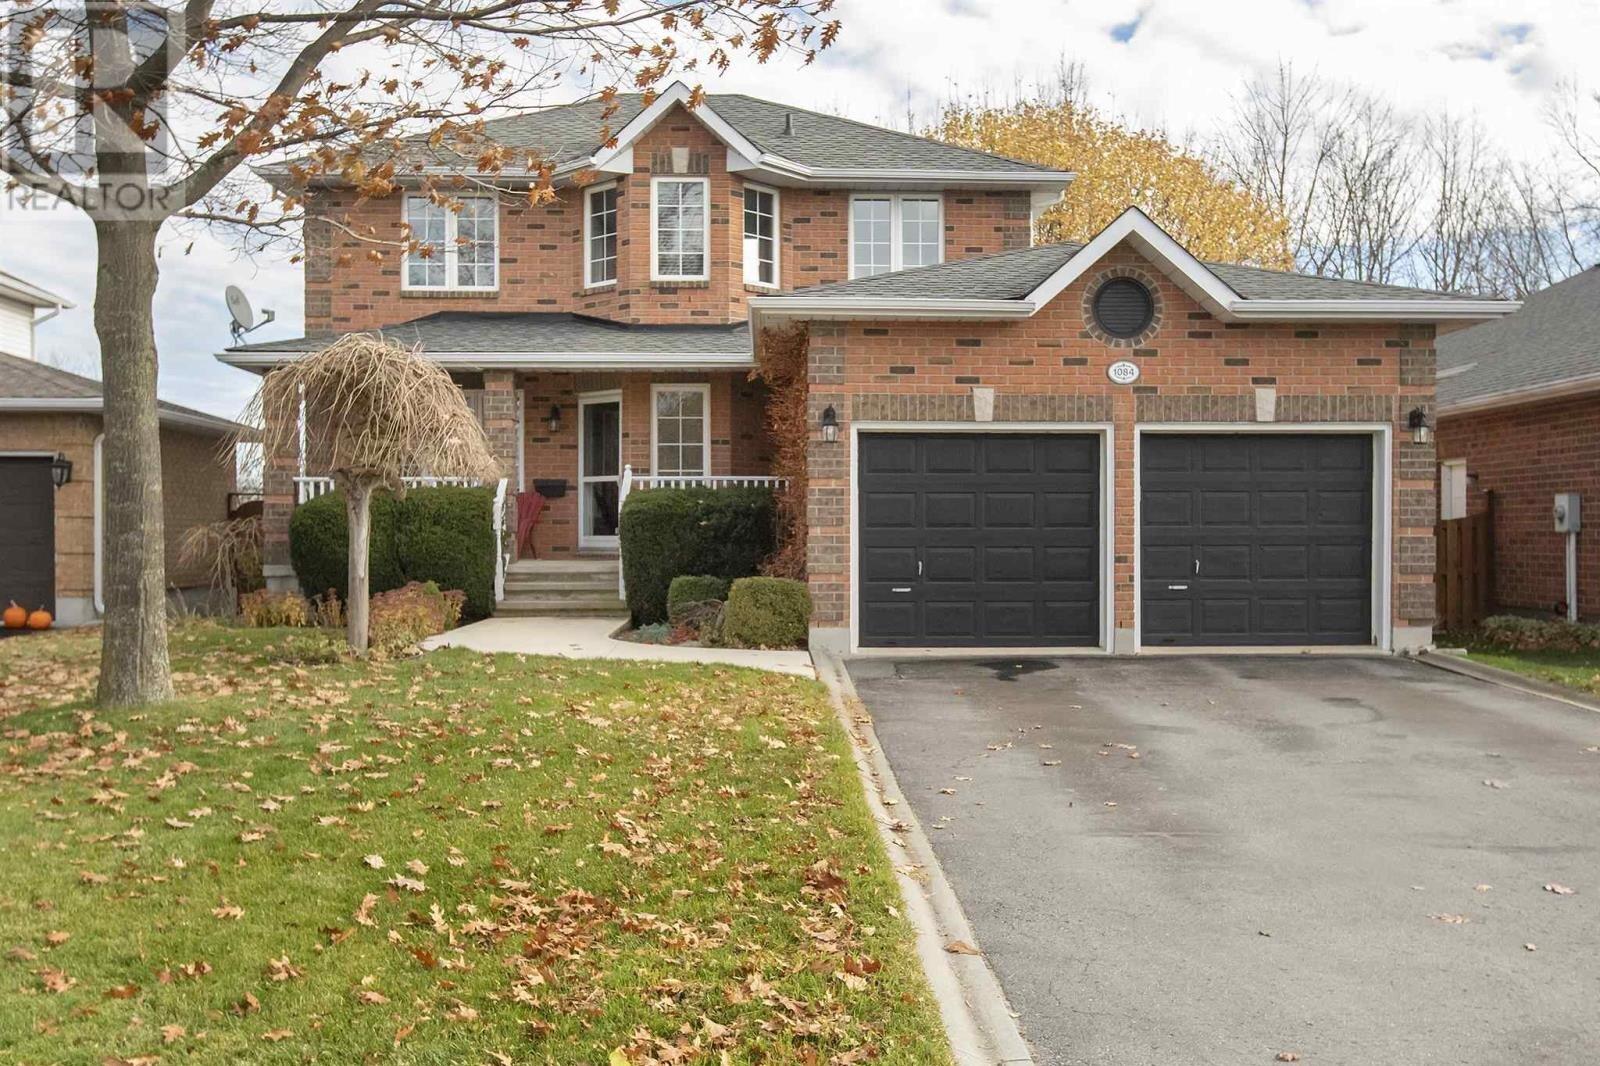 House for sale at 1084 Earnhart St Kingston Ontario - MLS: K20006528